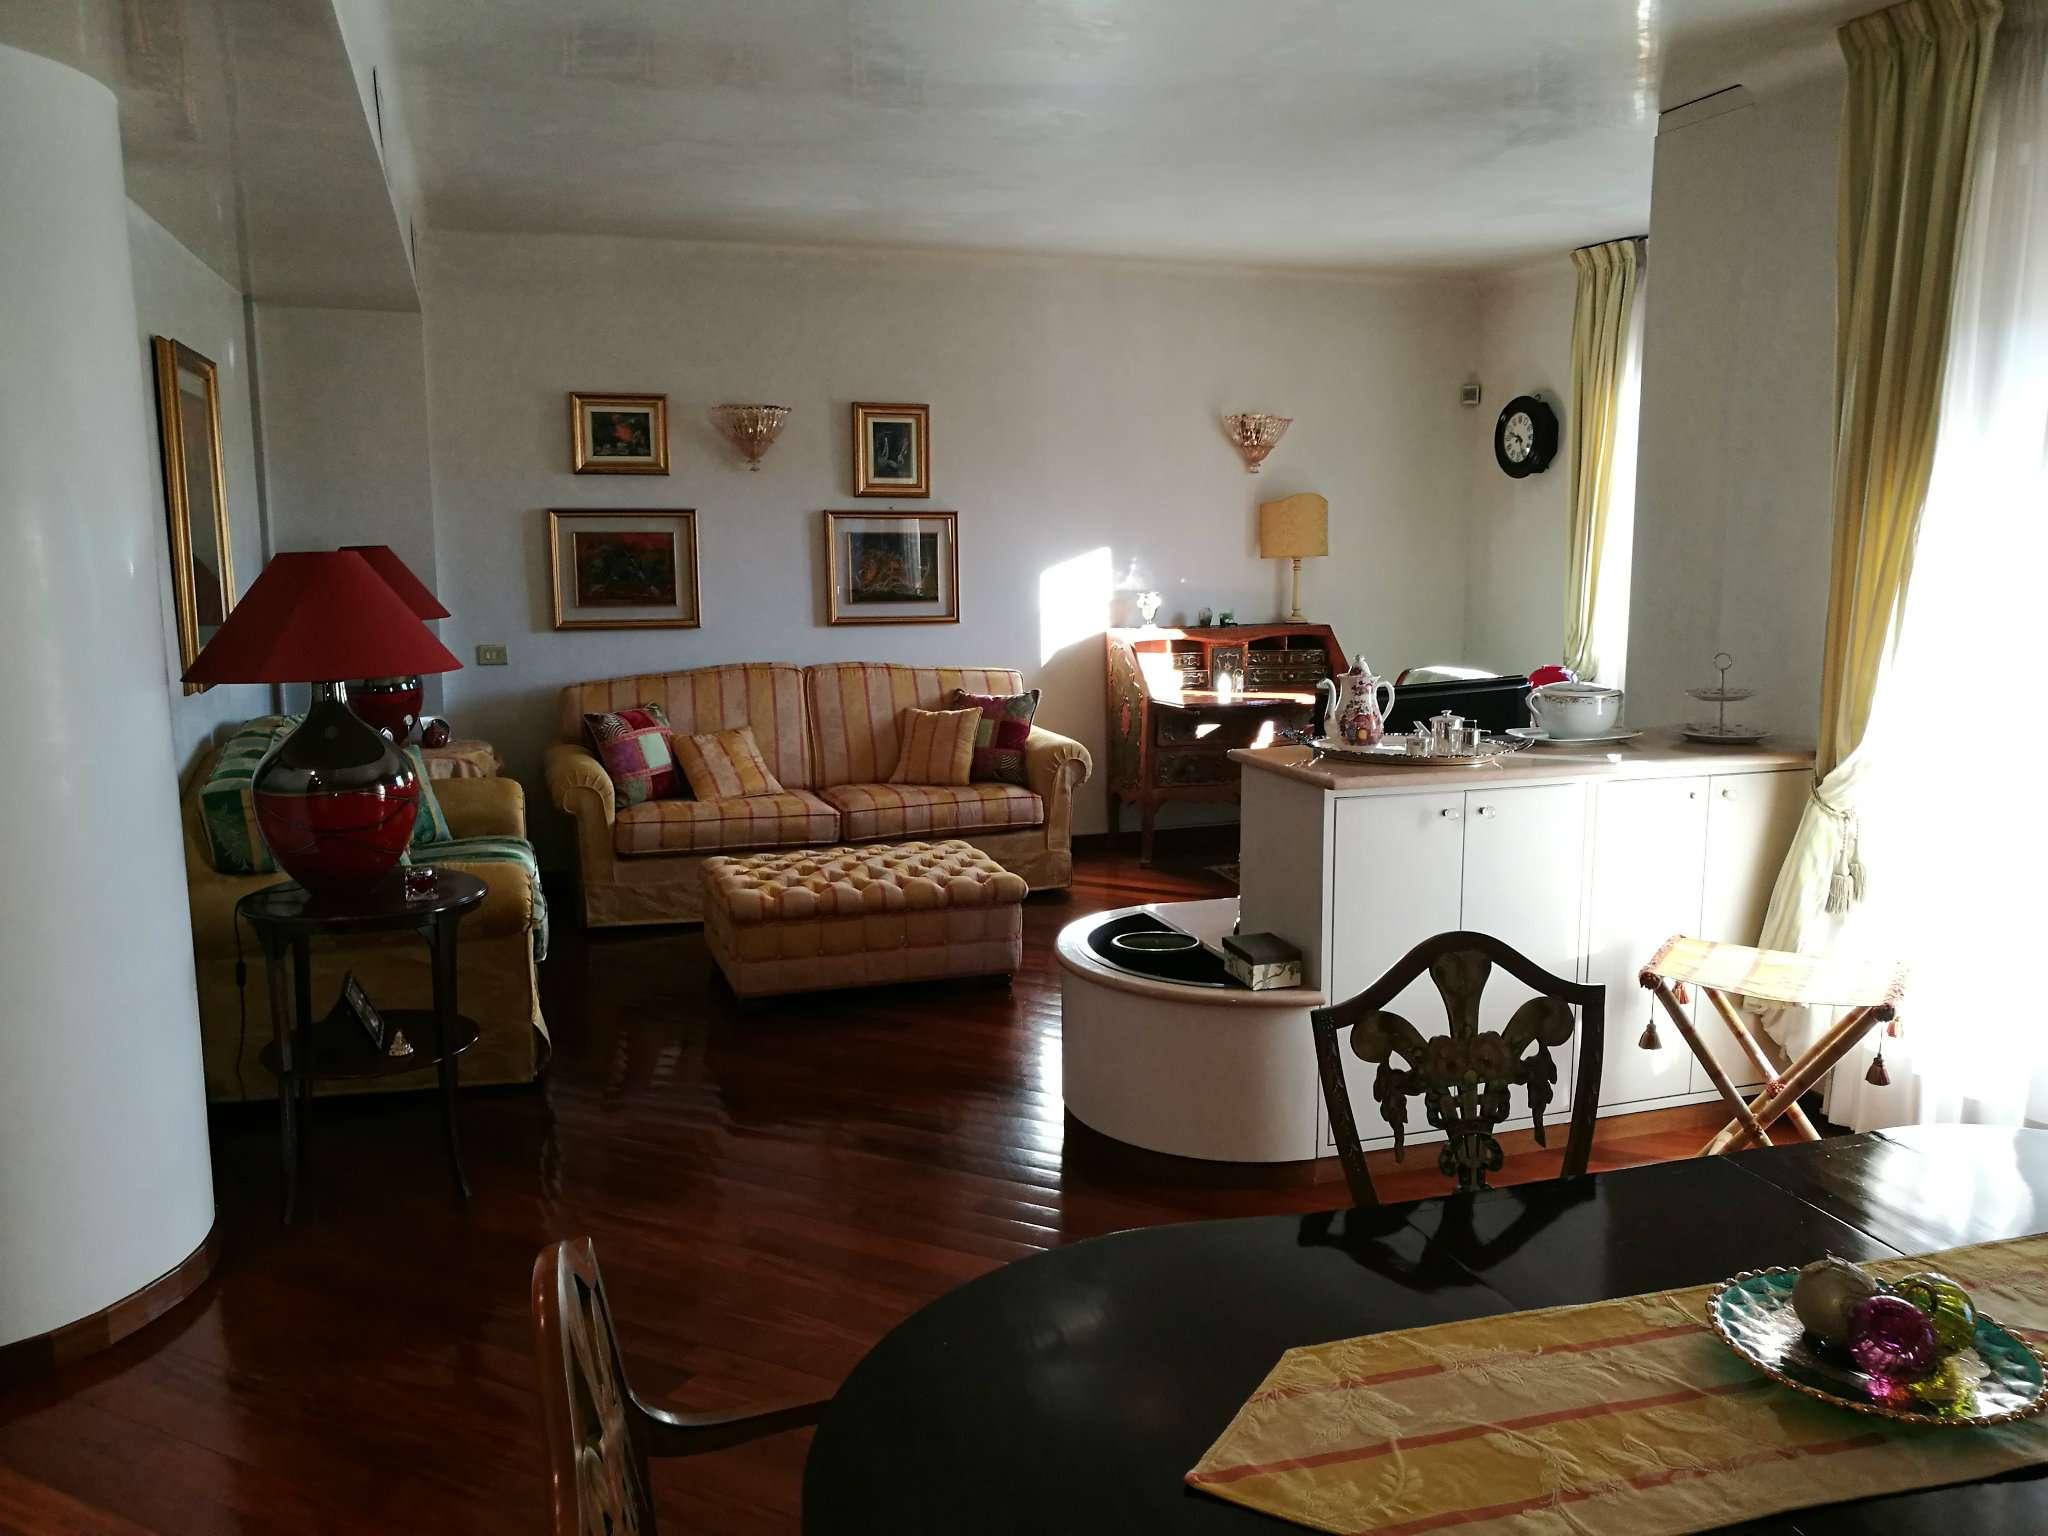 Appartamento in vendita a Milano, 4 locali, zona Zona: 14 . Lotto, Novara, San Siro, QT8 , Montestella, Rembrandt, prezzo € 580.000   Cambio Casa.it